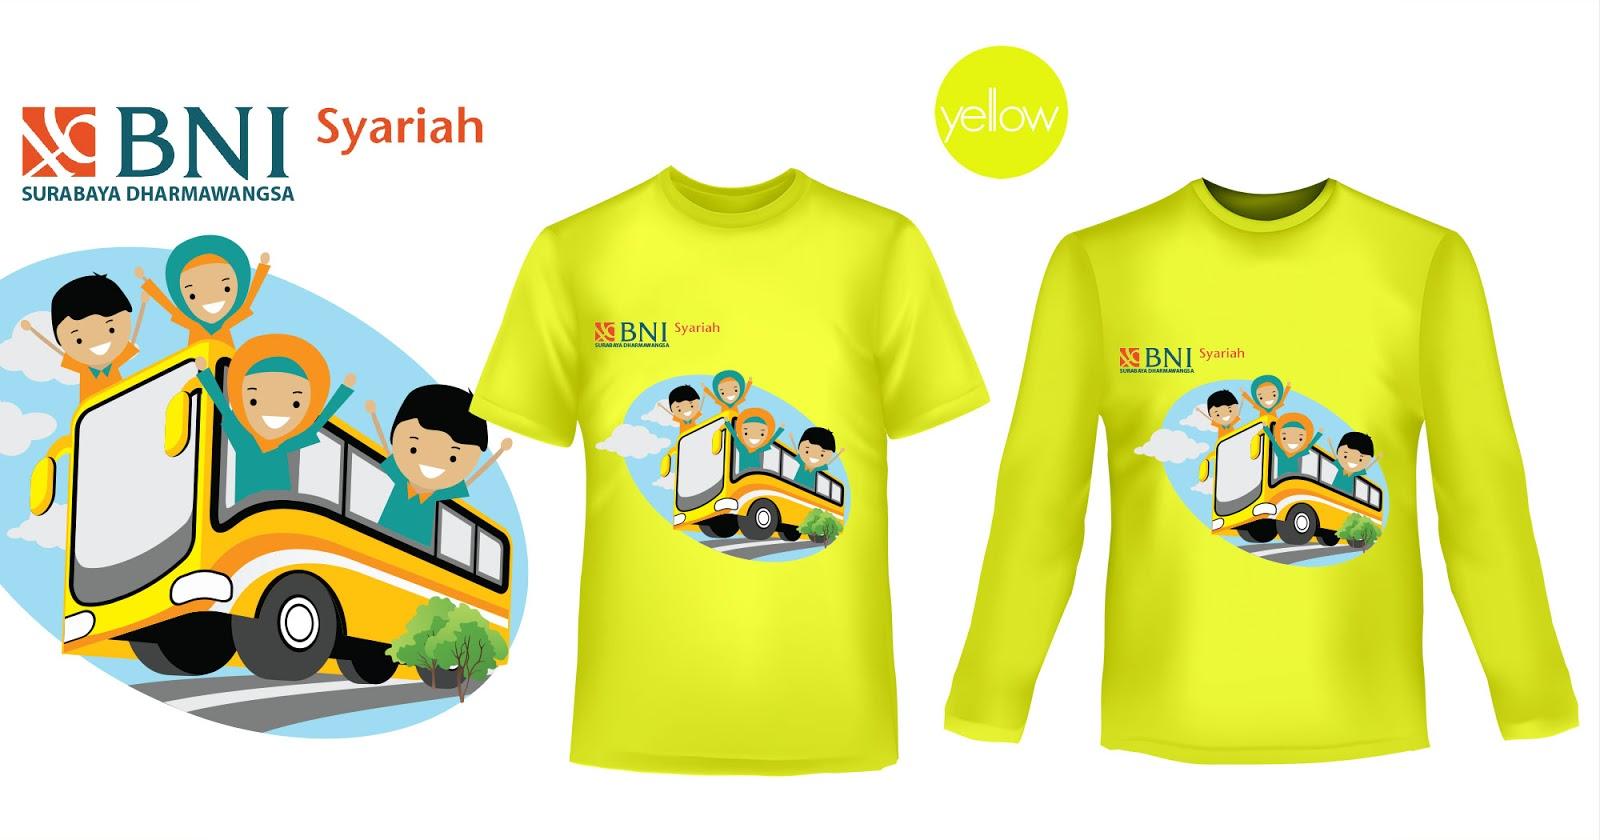 Contoh desain t shirt kelas - Contoh Desain T Shirt Kelas 25